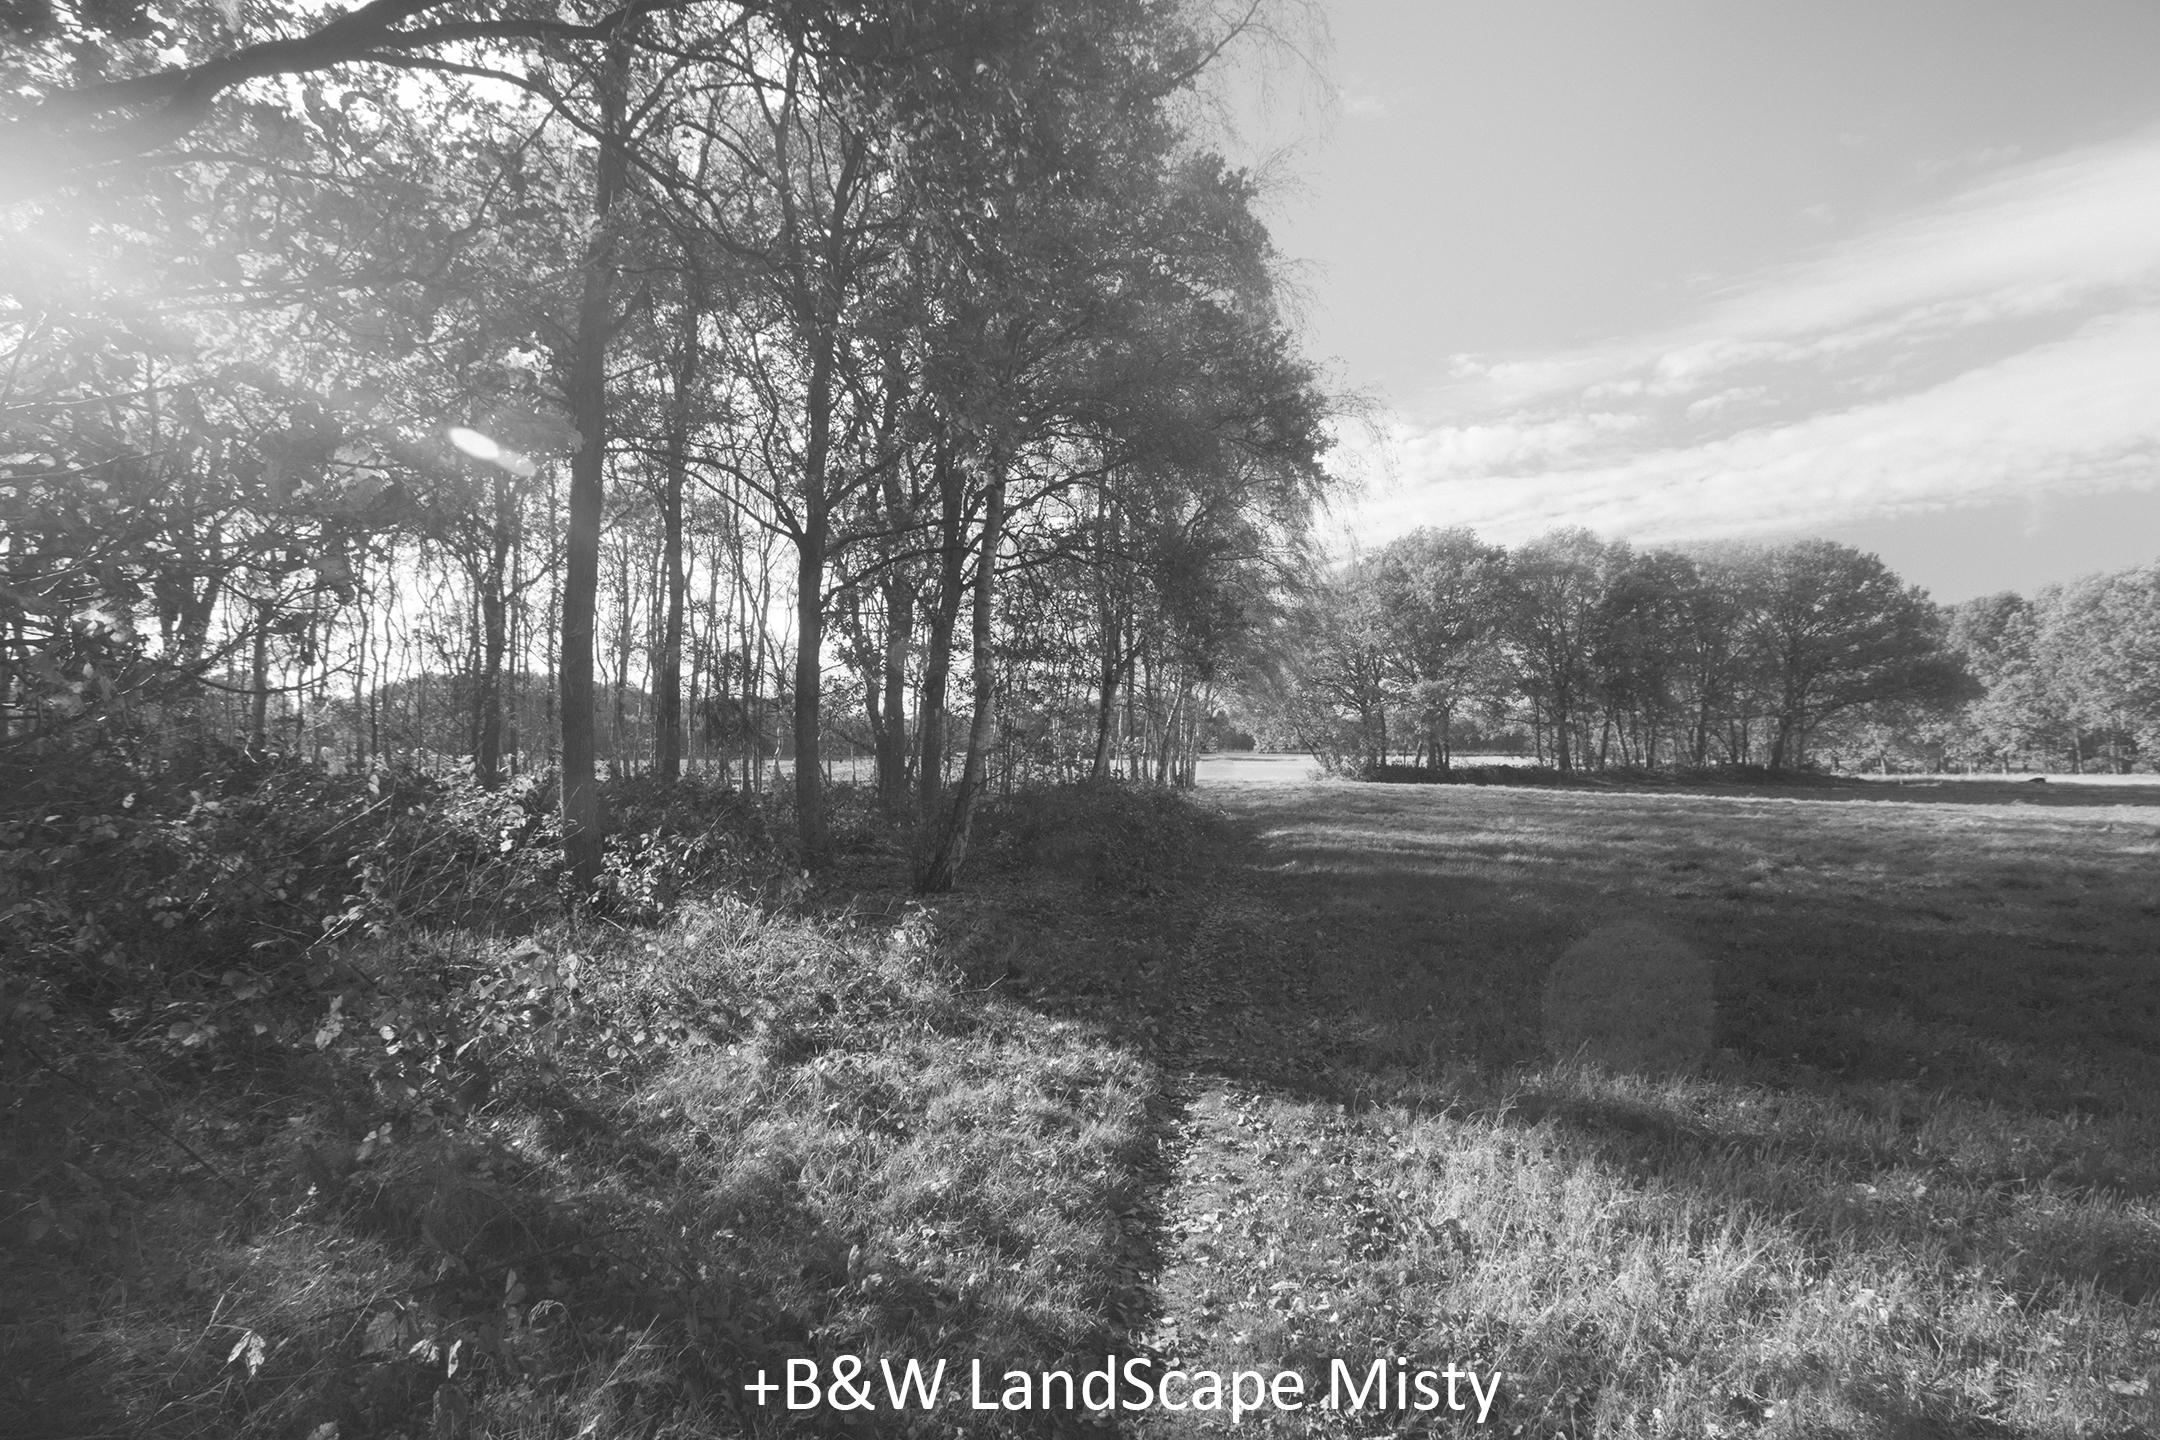 BW LandScape Misty.jpg